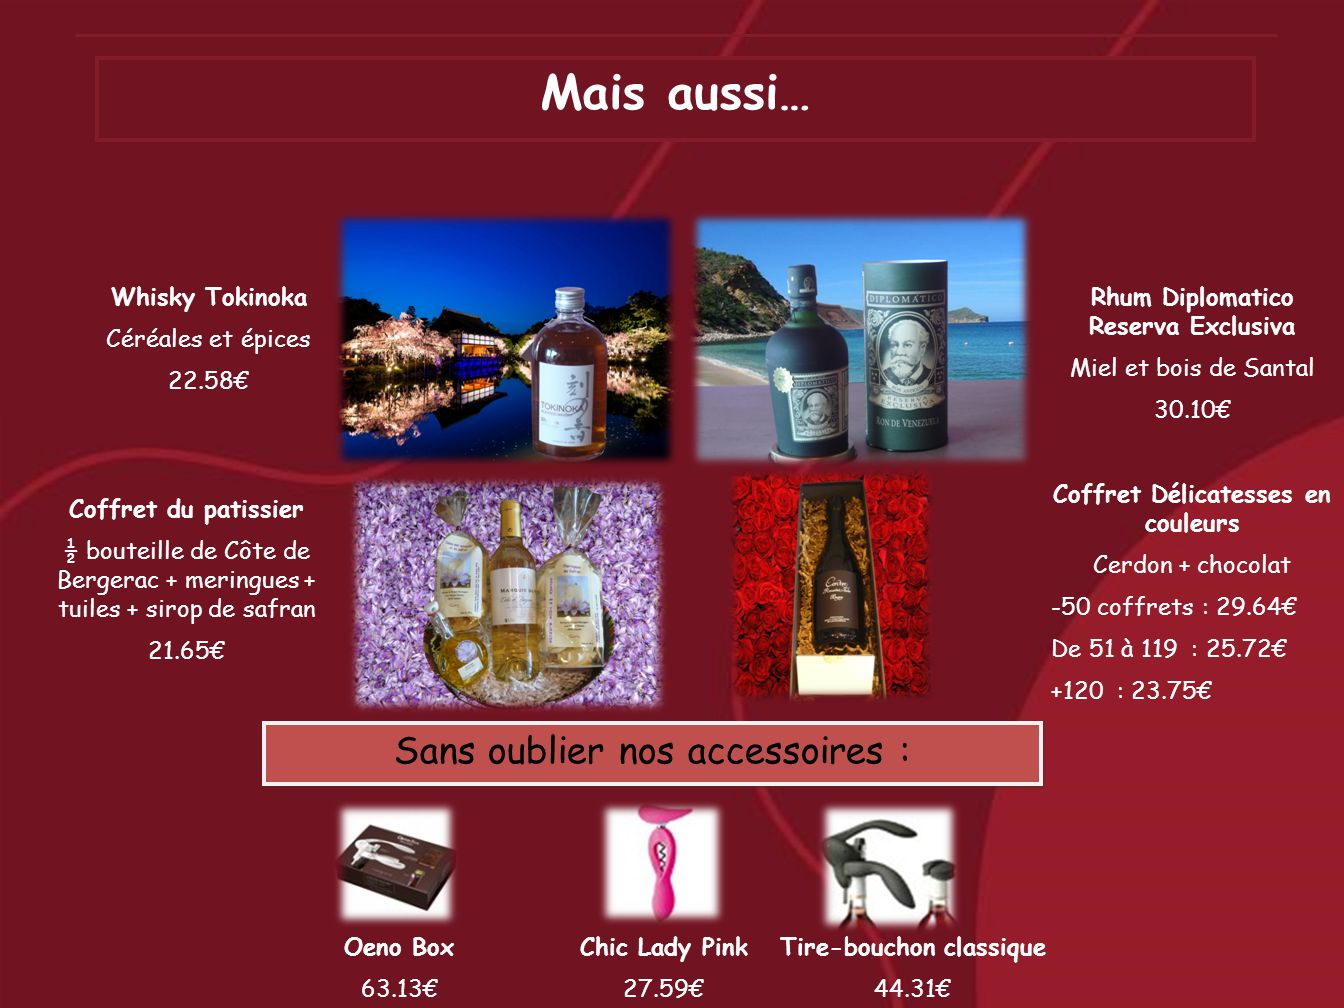 Le coup de cœur Coffret coup de cœur Une bouteille de sancerre rouge + chocolat artisanal 200gr + miel dacacia + foie gras de canard entier 50gr - 50 coffrets : 43.76De 50 à 119 : 37.96+ 120 : 35.07 02 54 21 64 32 06 78 85 85 02 www.lesvinsdelaurent.com lesvinsdelaurent@orange.fr http://www.facebook.com/LesVinsDeLaurent Domaine Franck et Sylvain Godon, Laurent Daubourg, Safran de la tour Blanche, Manoir Alexandre, Domaine Régis Fortinault, Latelier du vin, lAtelier de la bière., Château le clavier, Domaine de Pellehaut, Domaine Renardat-Fache, Domaine Chassiot, Domaine Huguenot-Tassin, Domaine Charles Pain, Domaine Jamain, Domaine Tatin, Vin fins du Périgord, Domaine Schlegel Boeglin Cout emballage : 1.05